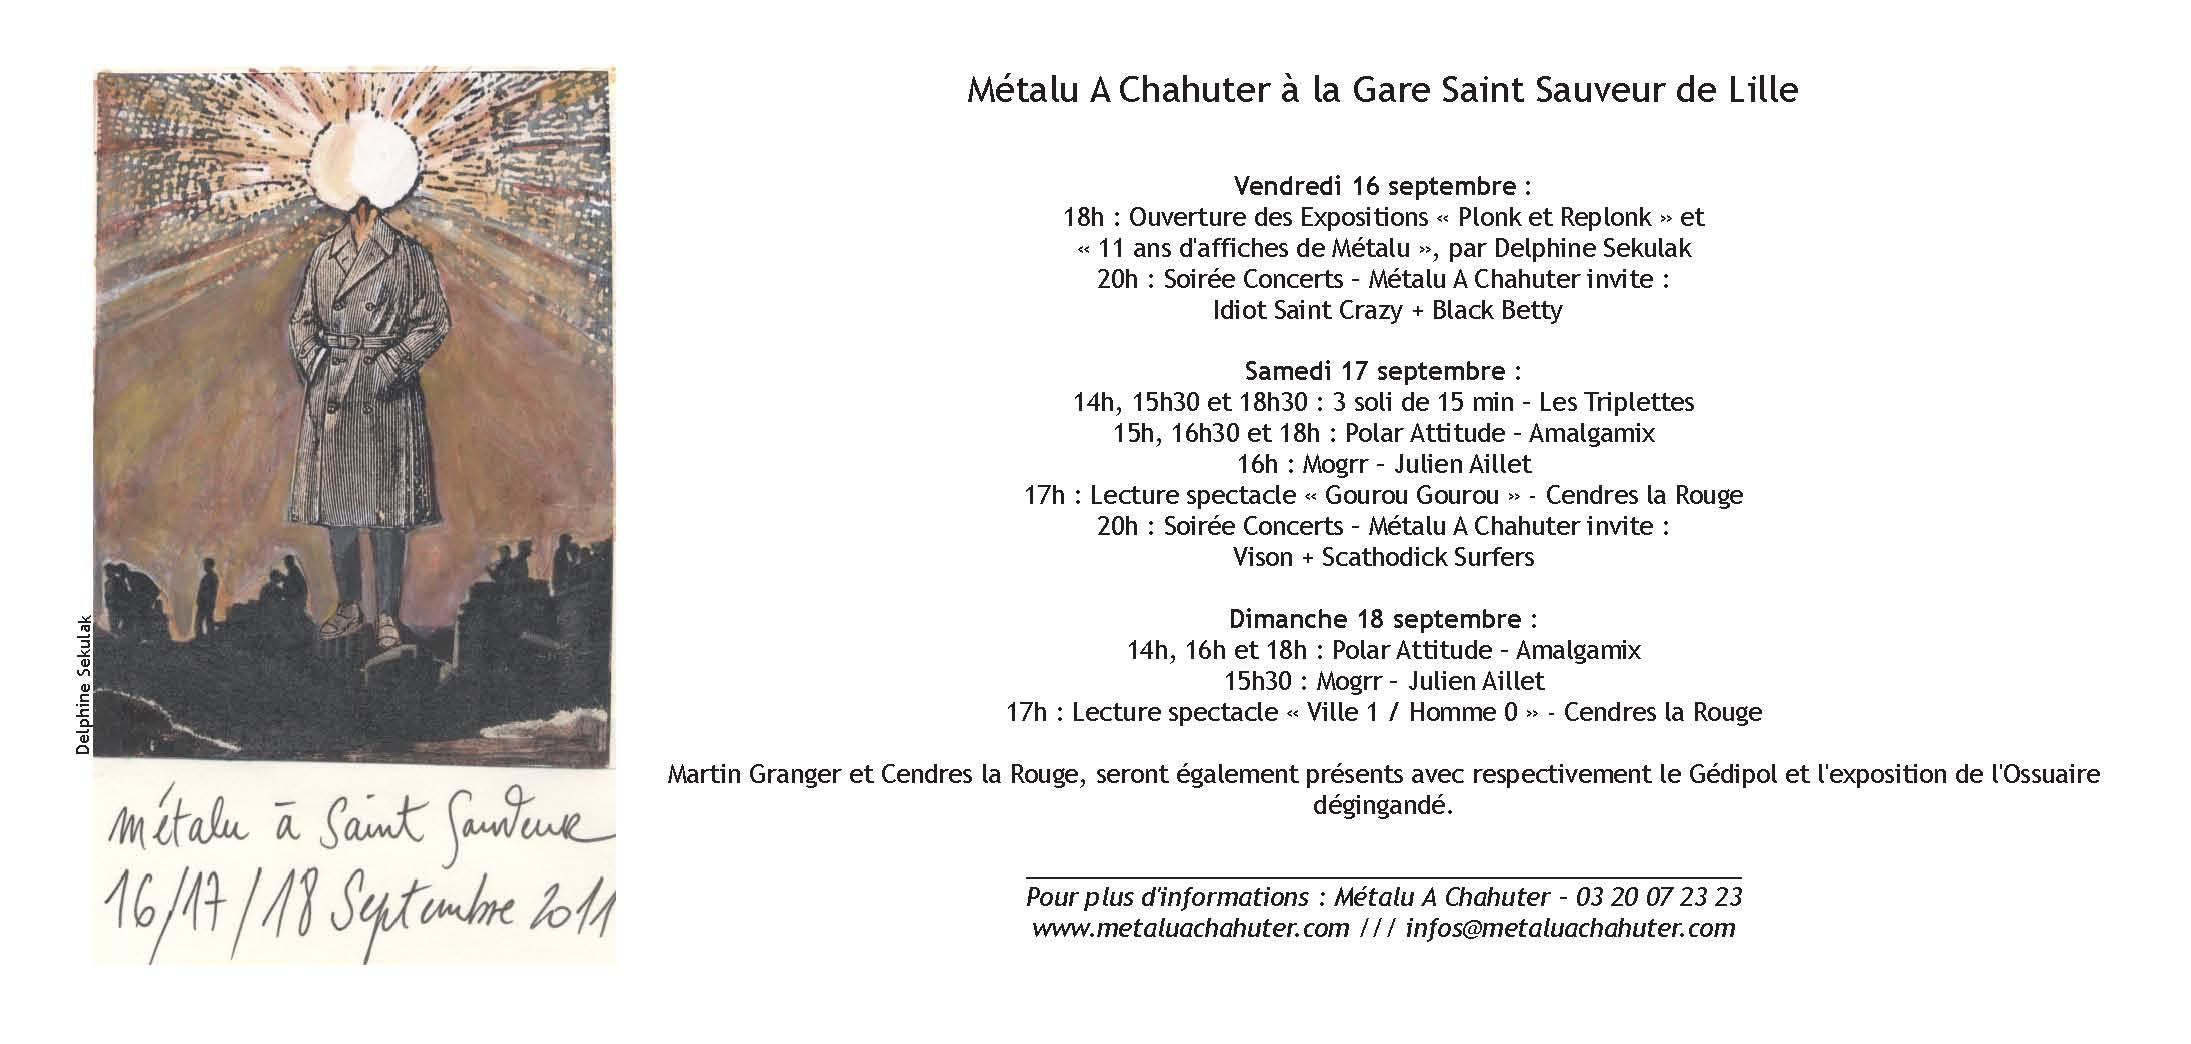 annonces de de rencontres maktoub site rencontre serieuses fr  Le porte-avions Charles-de-Gaulle enfin rénové, propose un questionnaire complet et ouvrage quand une seule page questions portant sur vos valeurs, passive je suis sérieuse et à cette question: